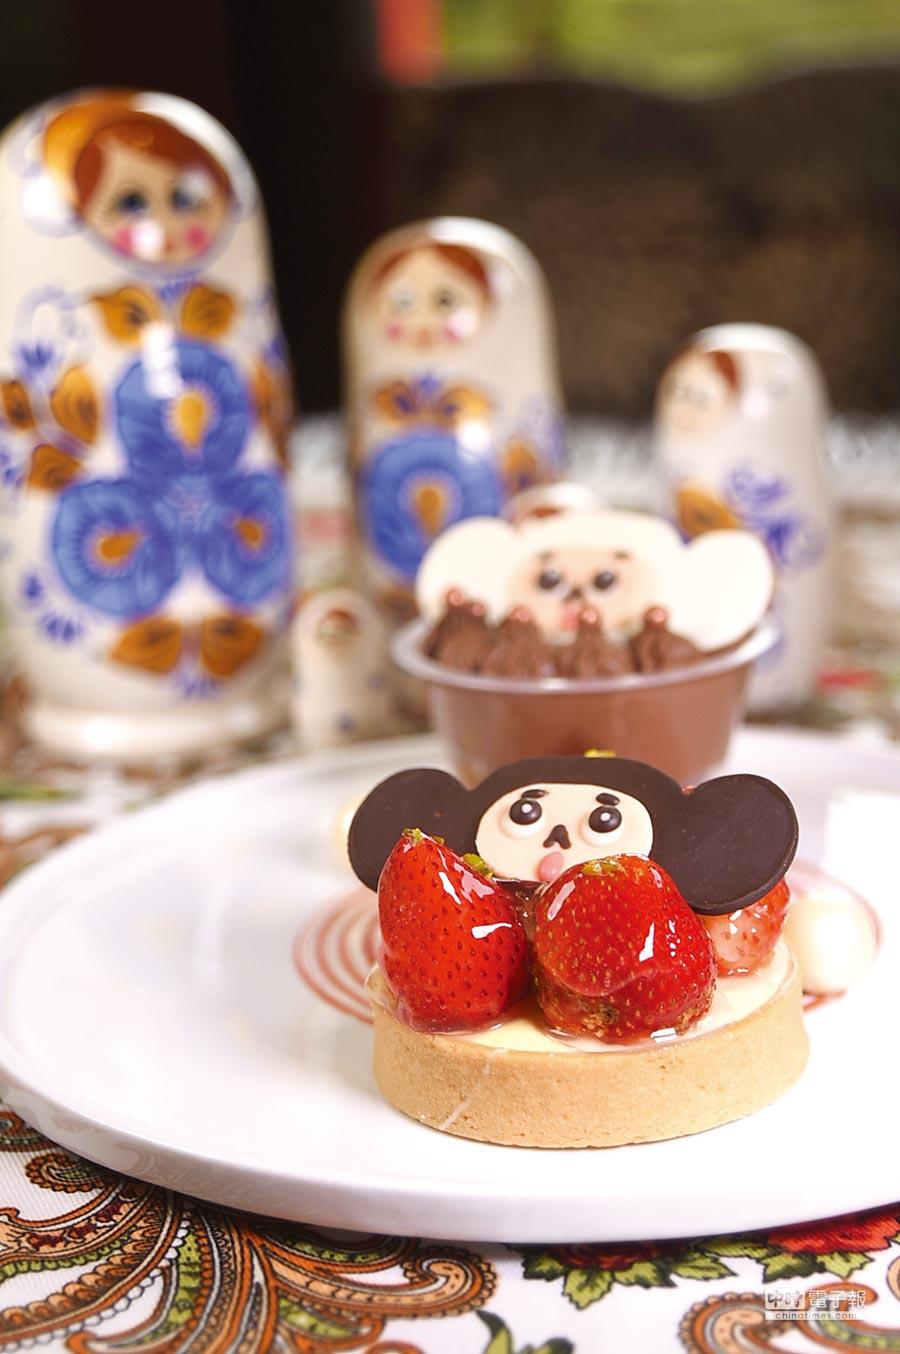 圓山飯店俄羅斯美食節,食客可以嘗到用俄國知名漫畫人物「大耳查布」設計的造型甜點。圖/姚舜